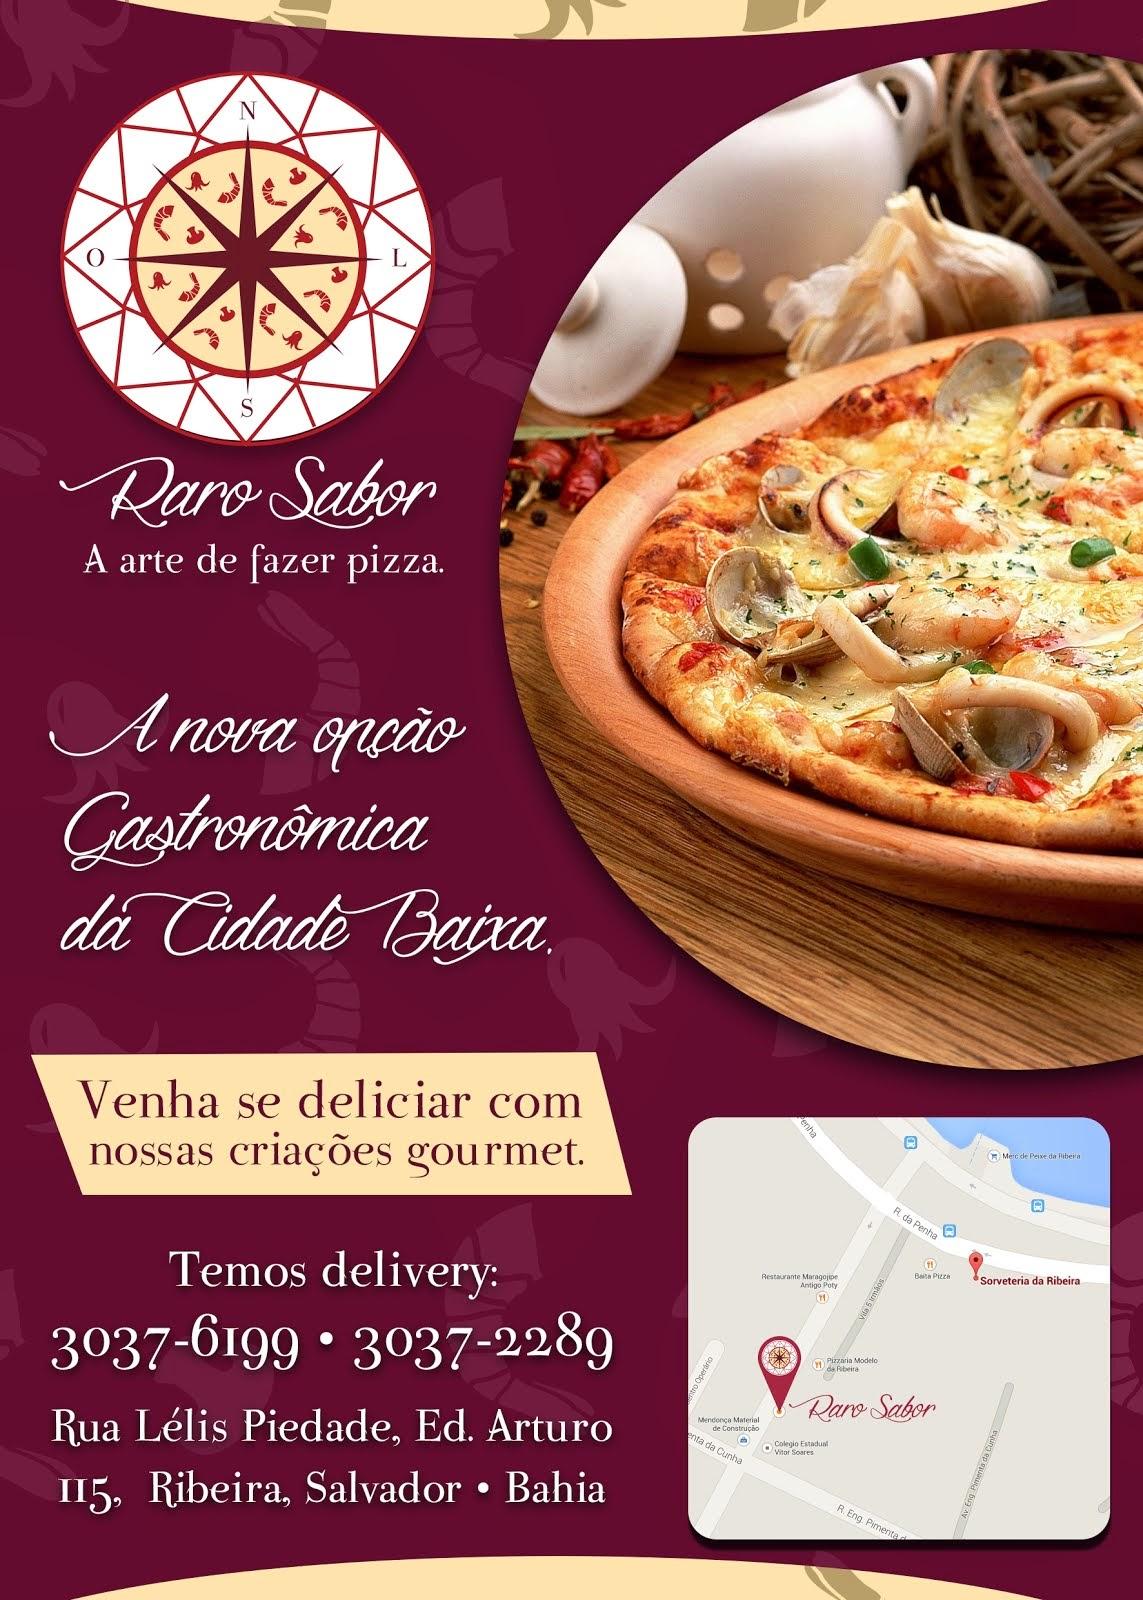 Pizzaria Raro Sabor